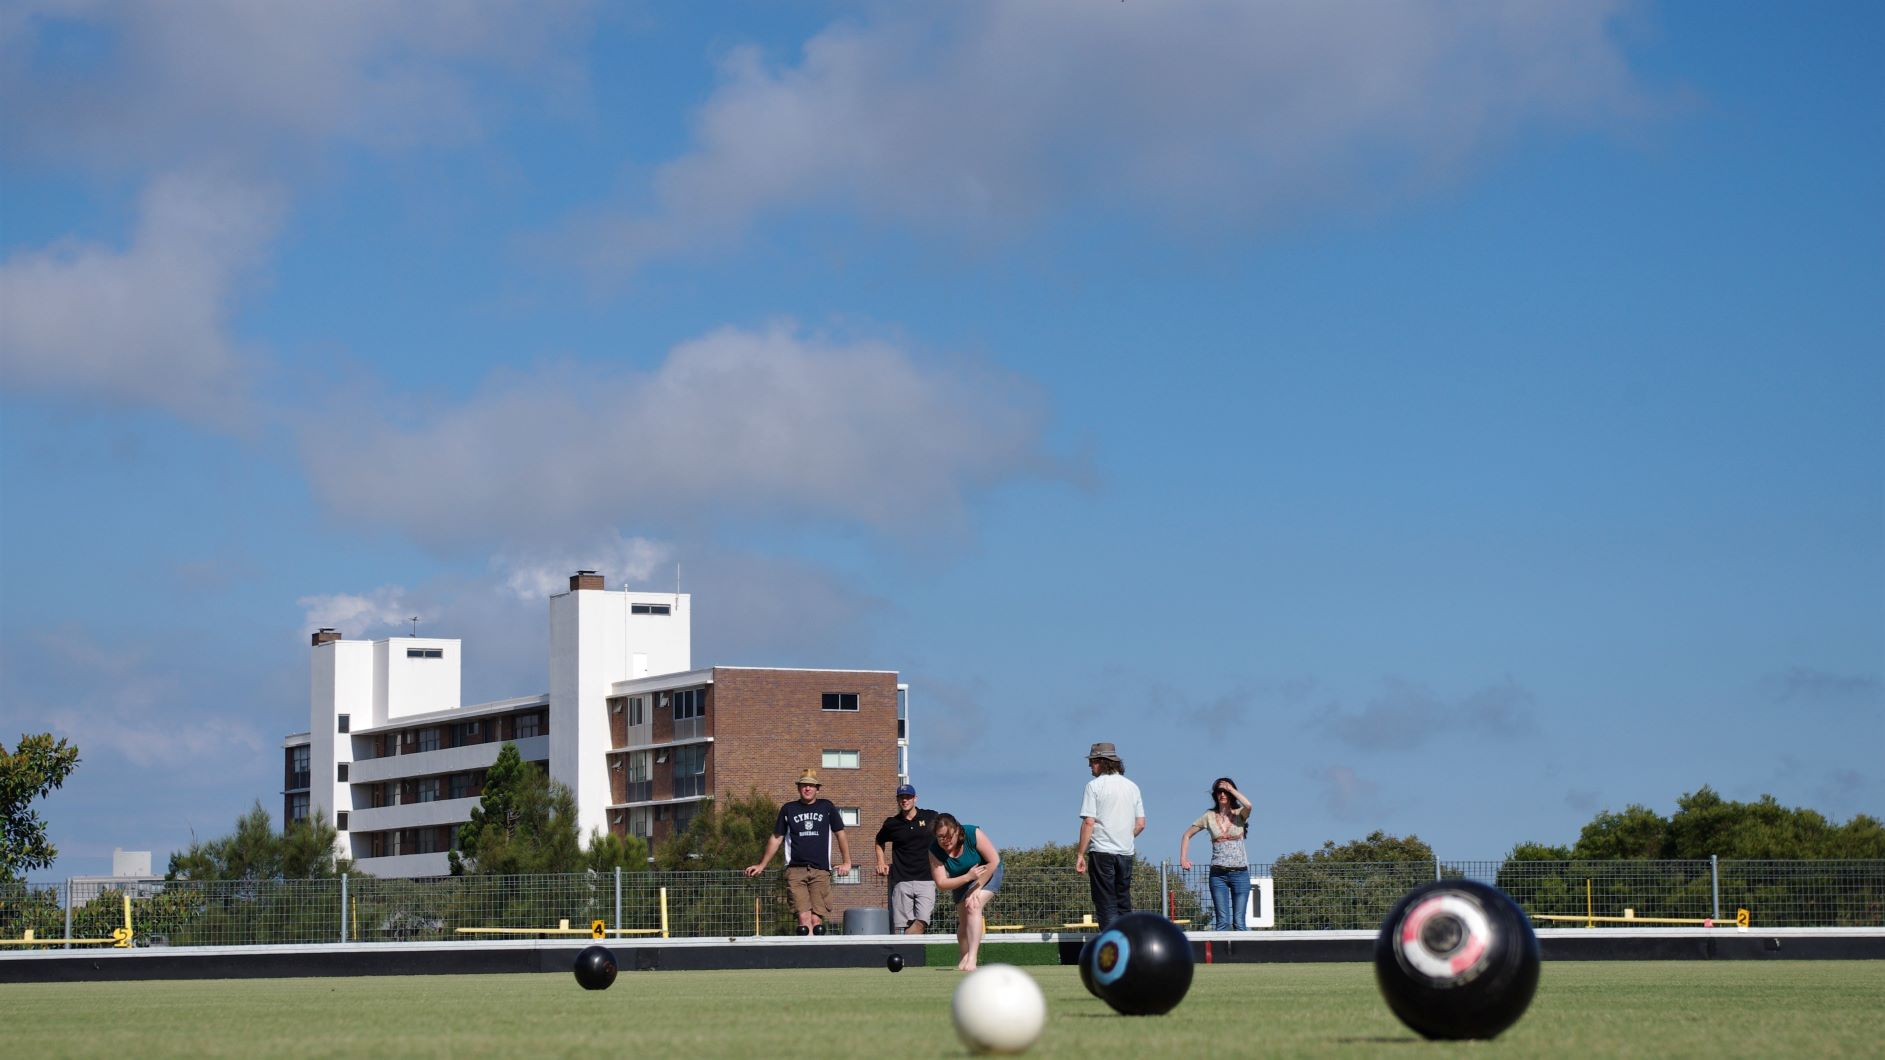 BBQ Brekky, Bowls & Cricket – Not a Beach: 30 October 2011